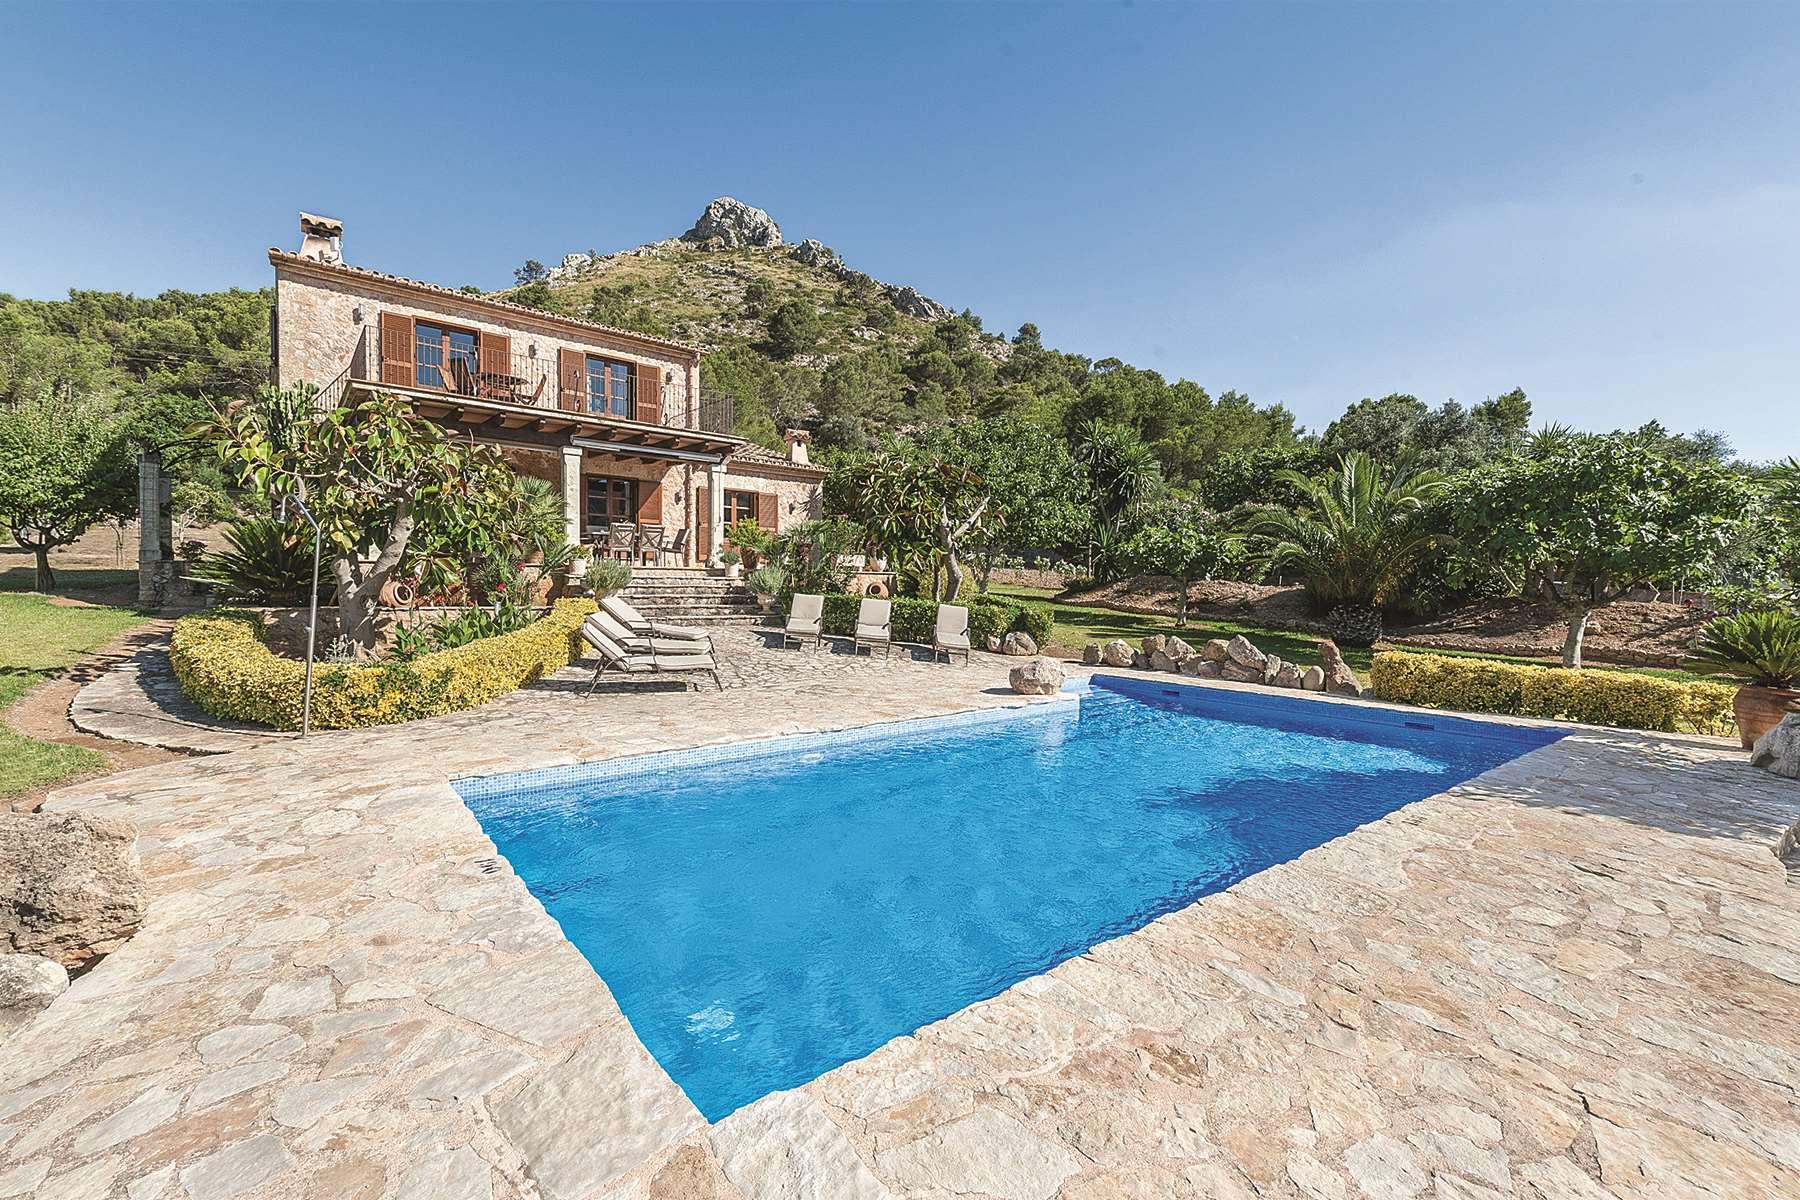 A James Villas Holiday Home In Mallorca